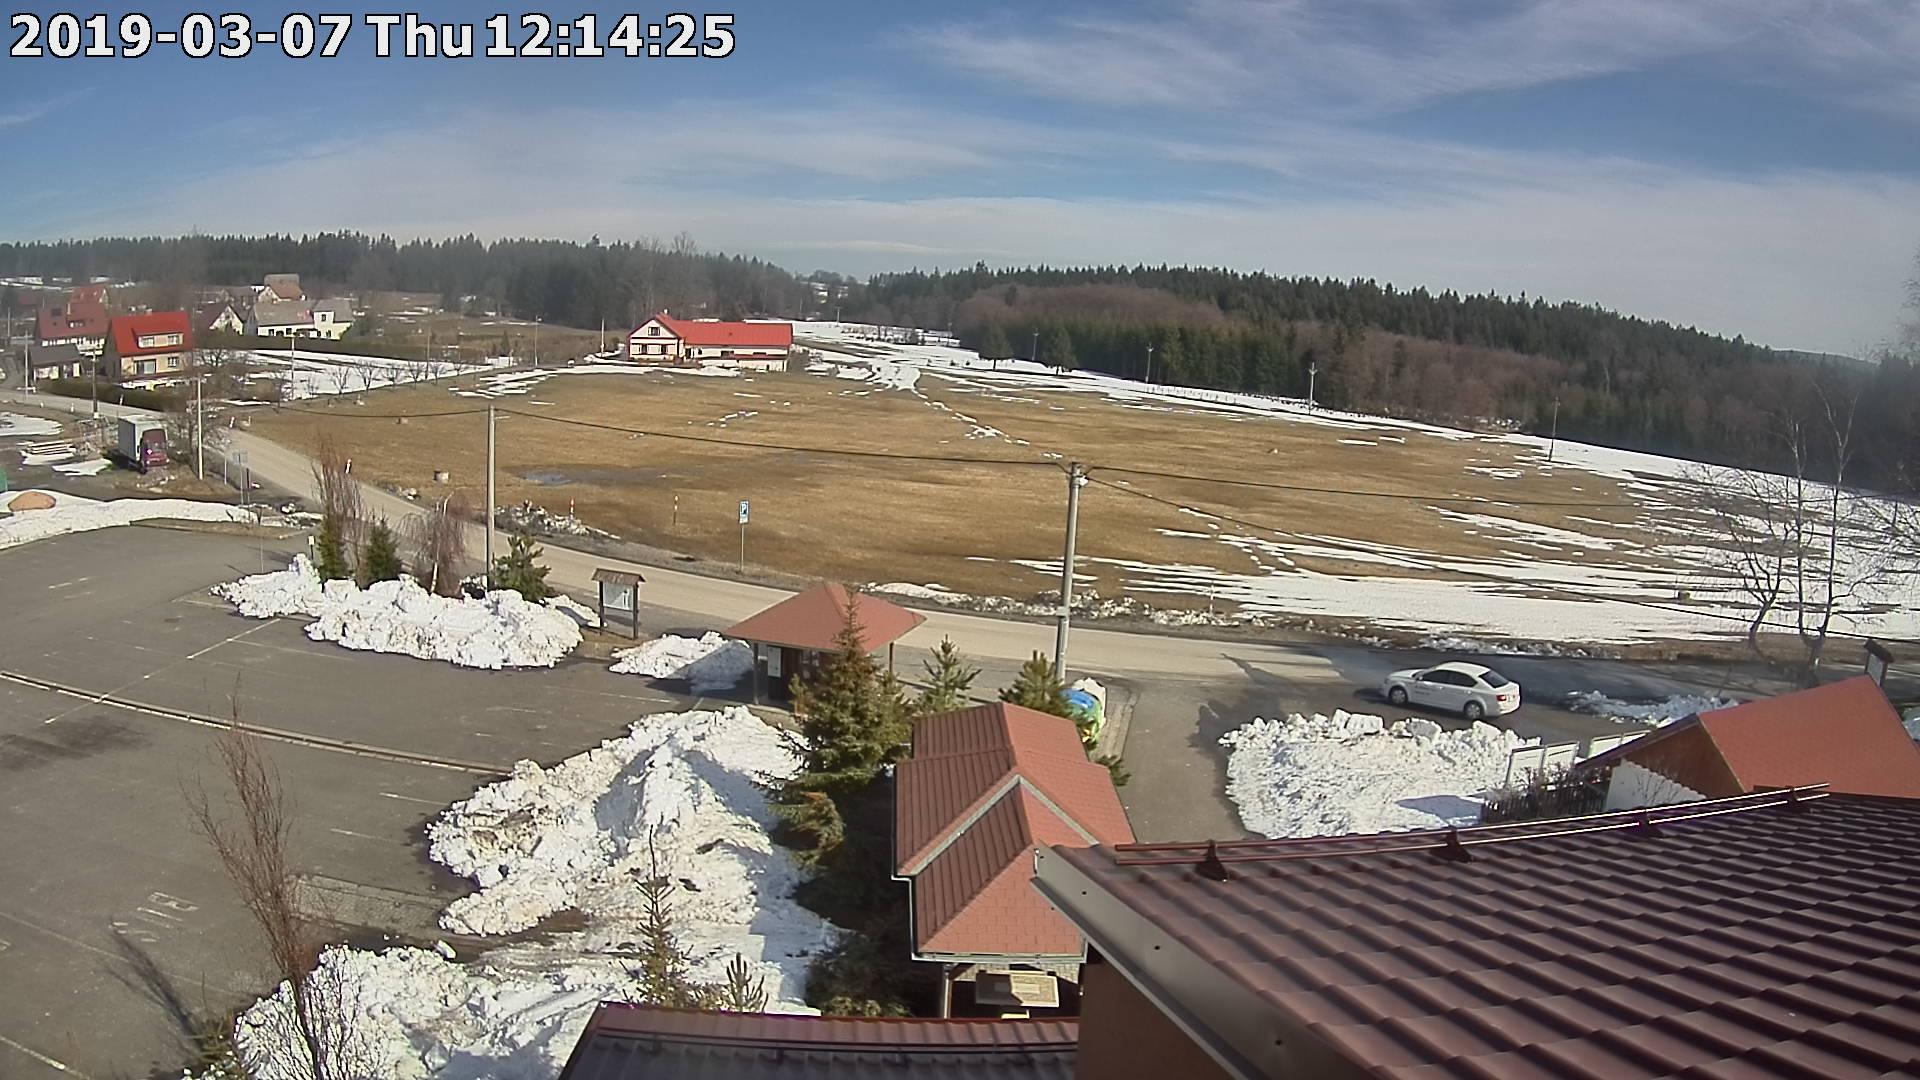 Webkamera ze dne 2019-03-07